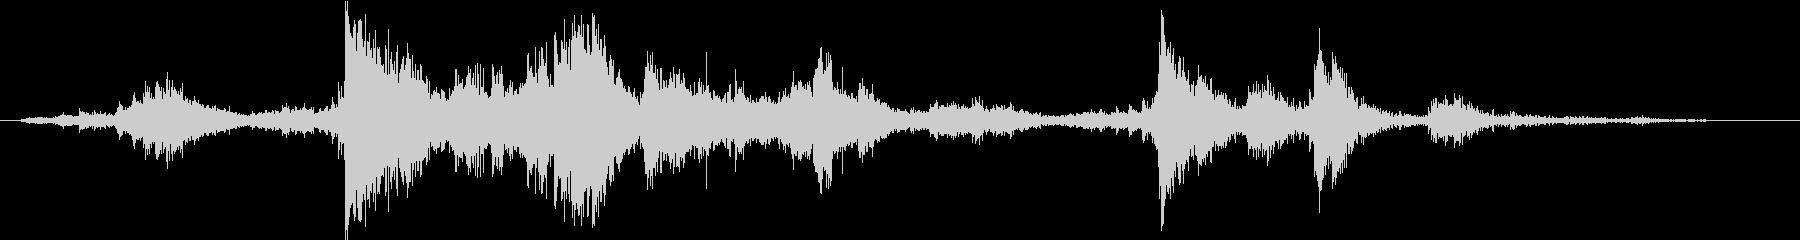 メタル クラッシュミディアム04の未再生の波形